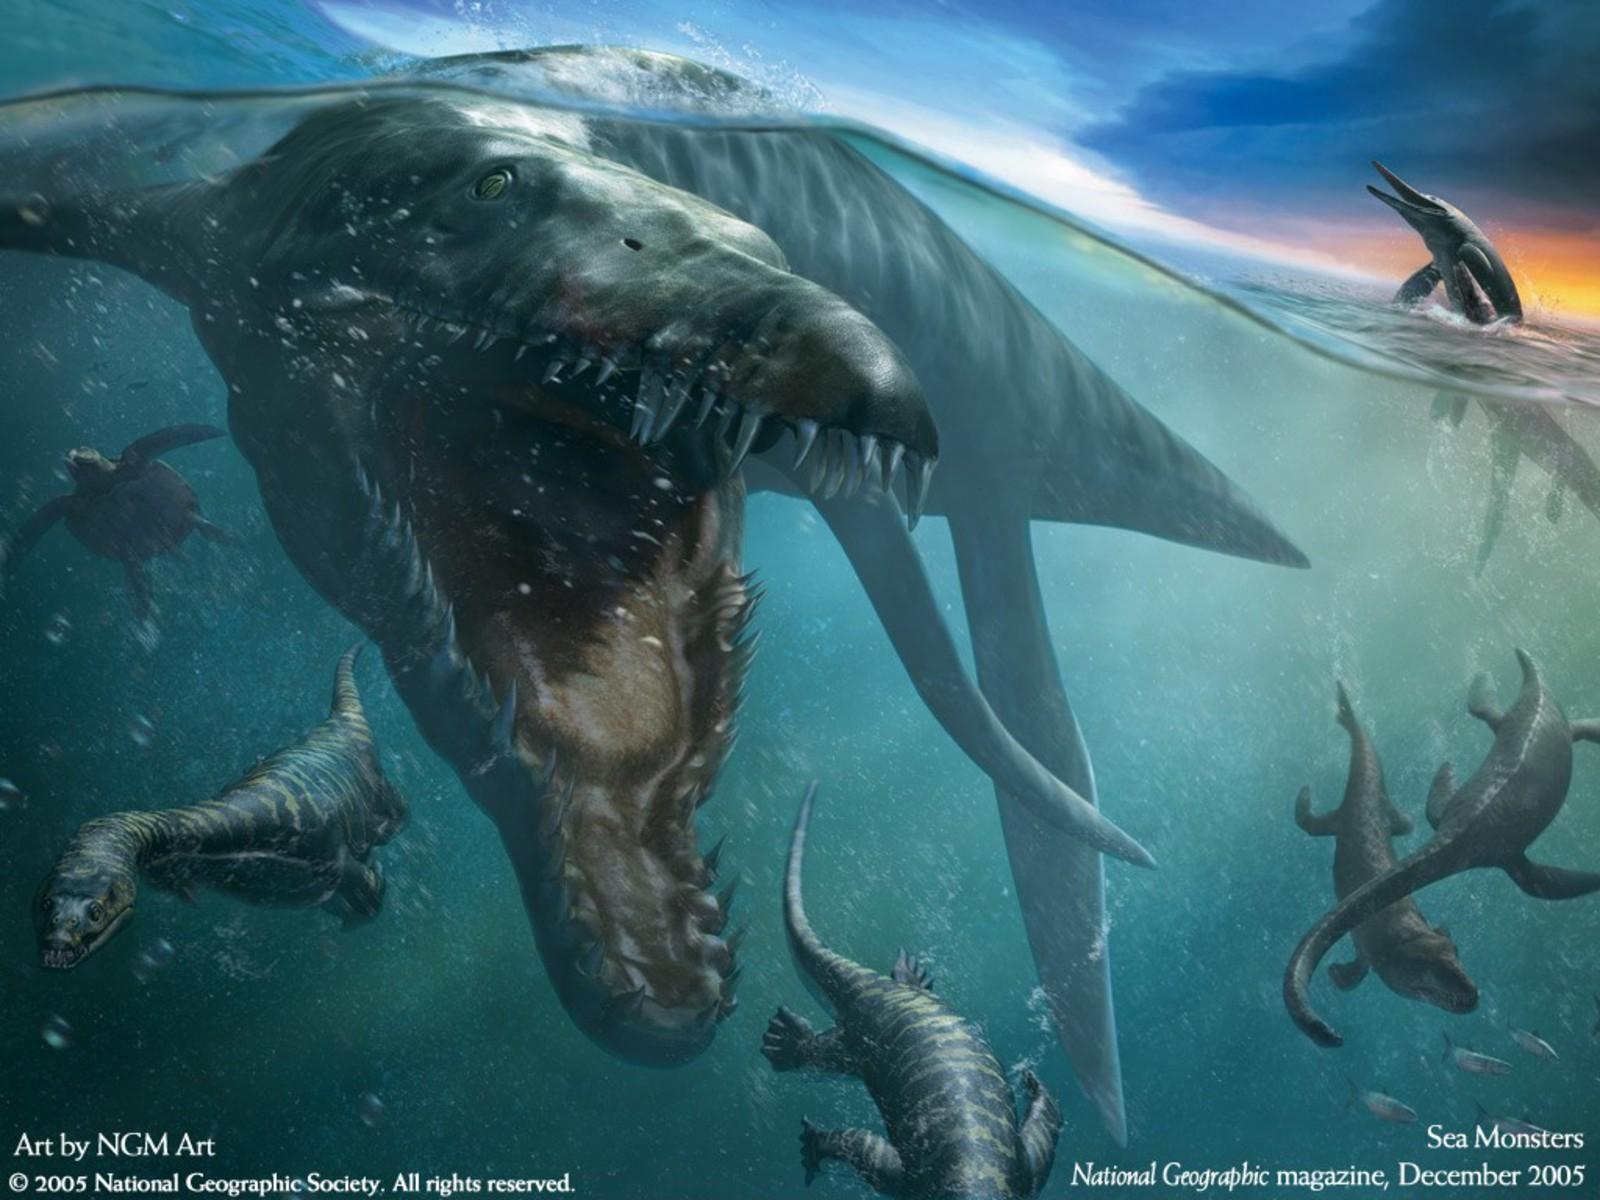 http://3.bp.blogspot.com/_EAViqbzwc_s/TOOMQxXHlYI/AAAAAAAACP4/yxNWrQKpPZM/s1600/Sea-Monsters-NG.jpg